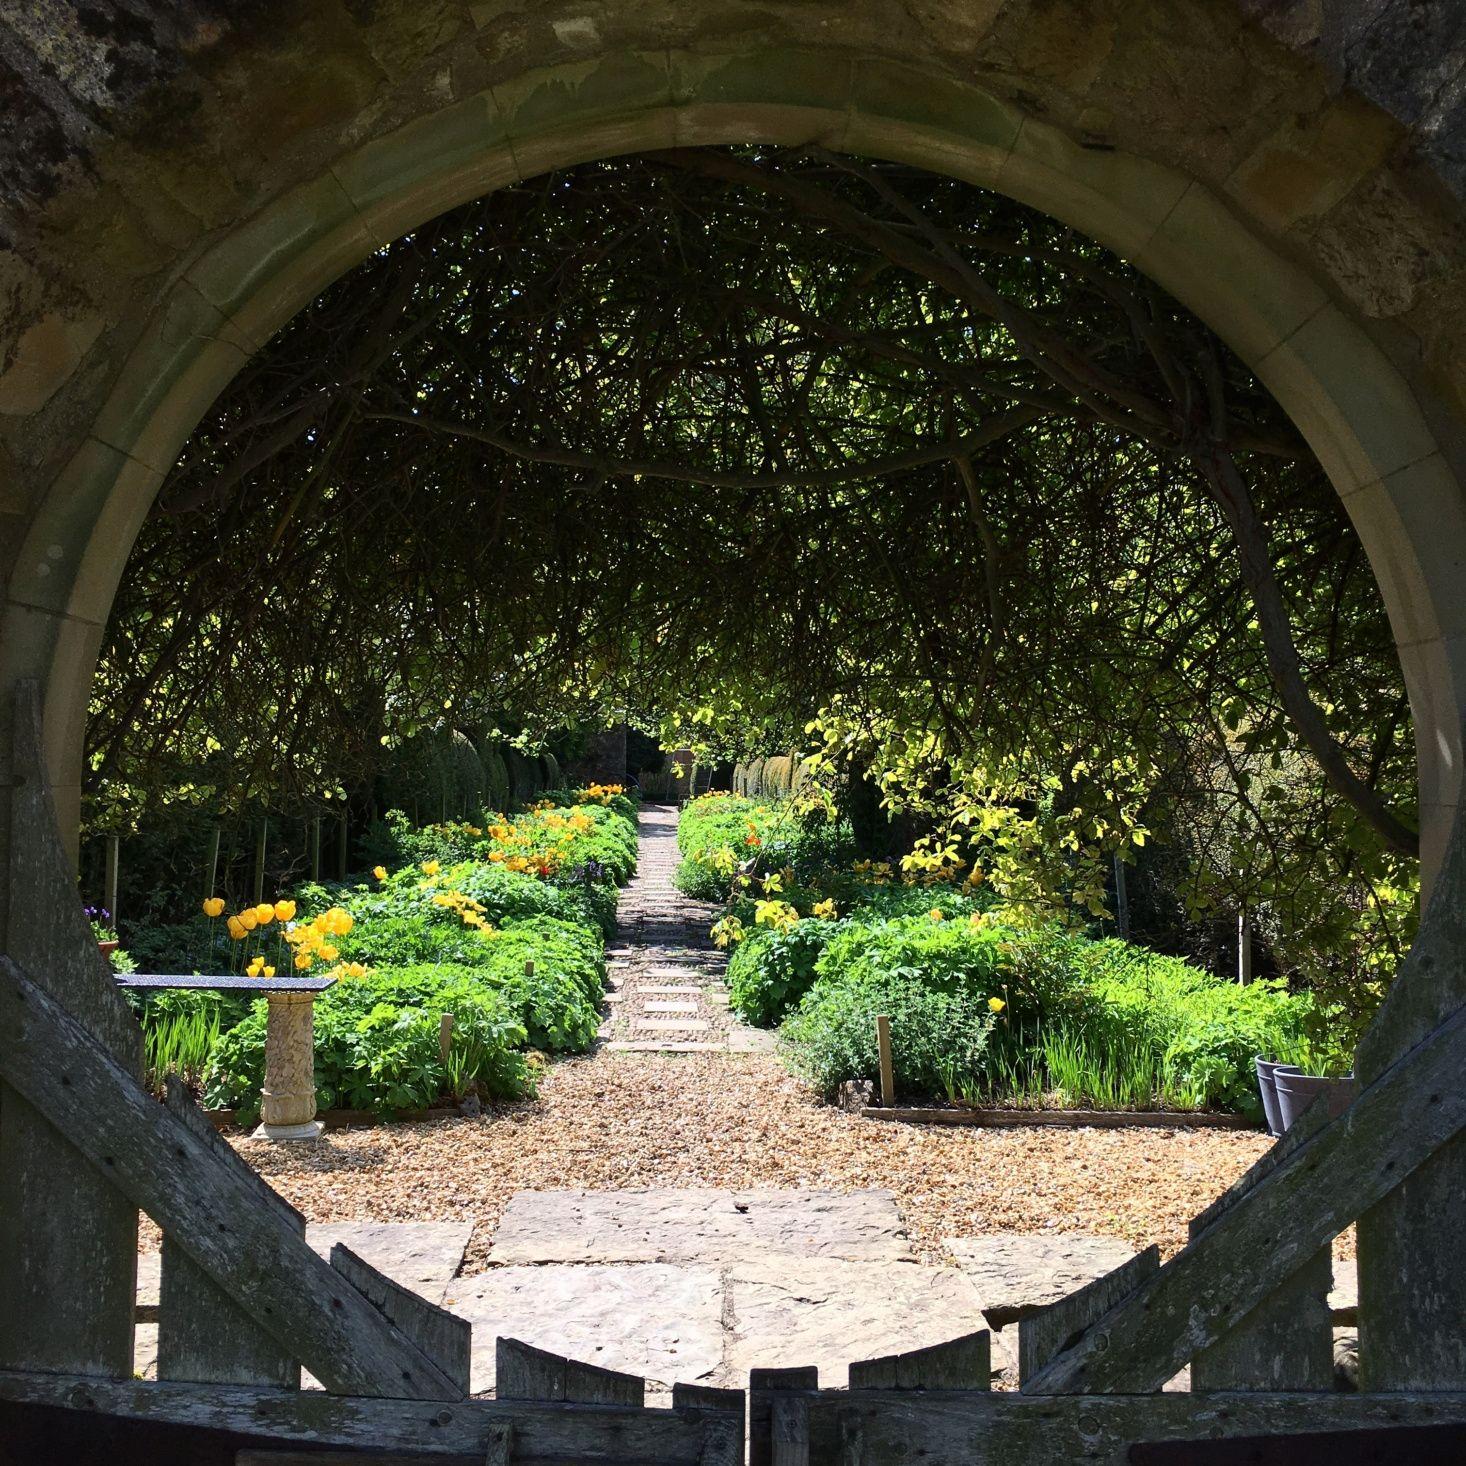 Garden Remodel A Landscape In Progress On The Coast Of Scotland Gardenista Outdoor Gardens Garden Arches Hedges